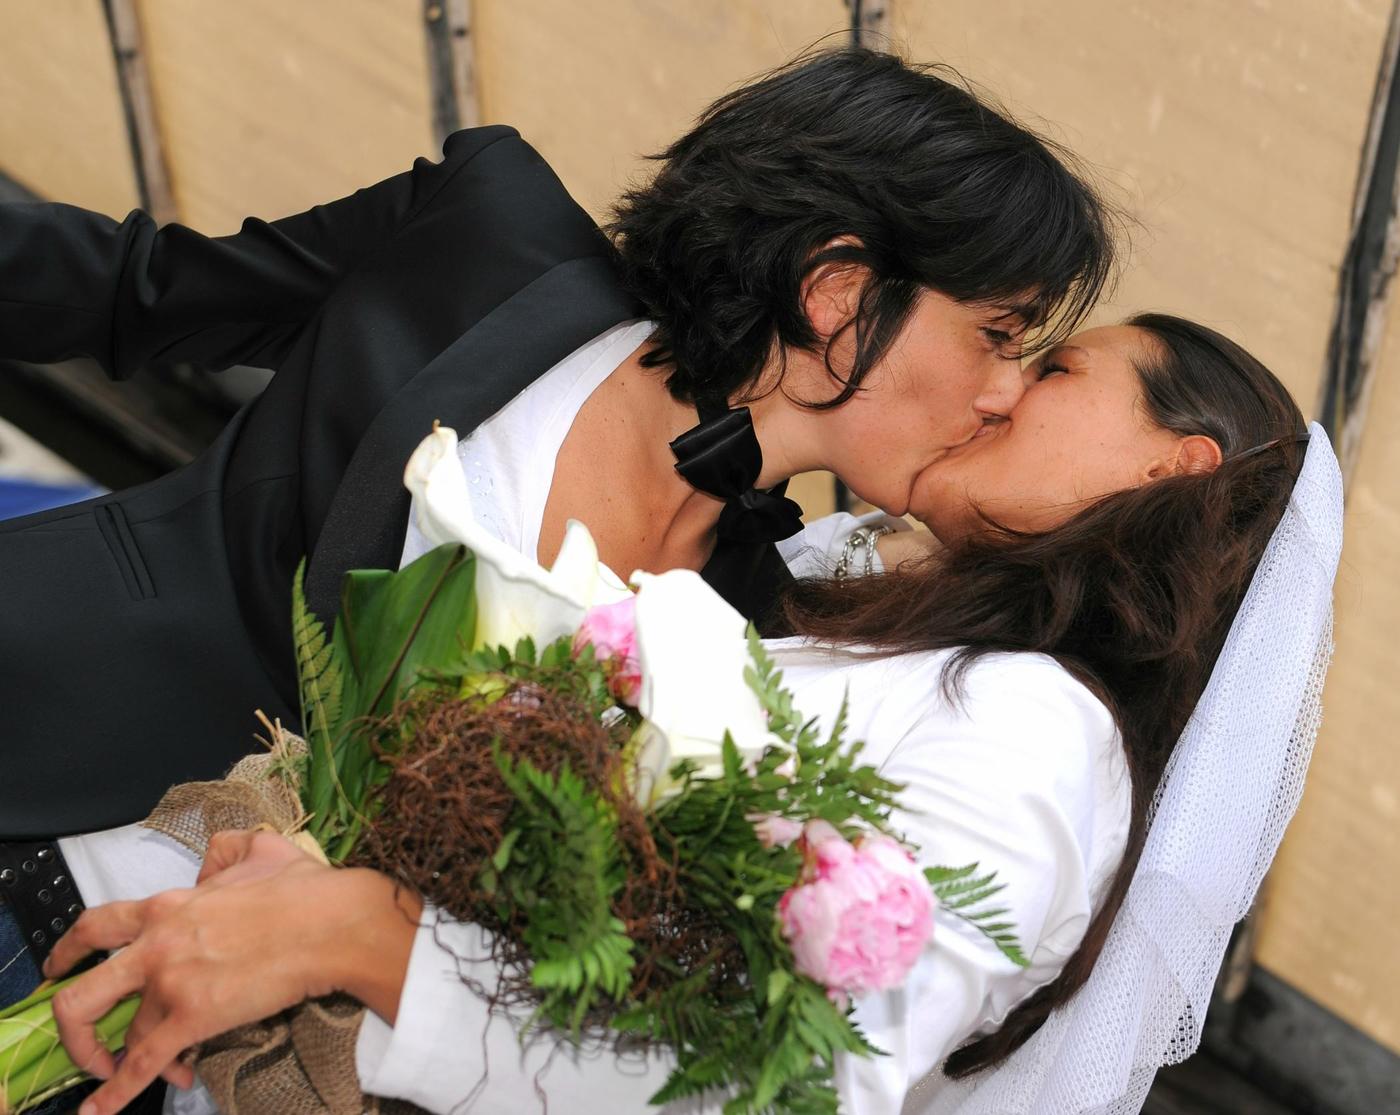 Parroco sposa due donne, l'amore vince!